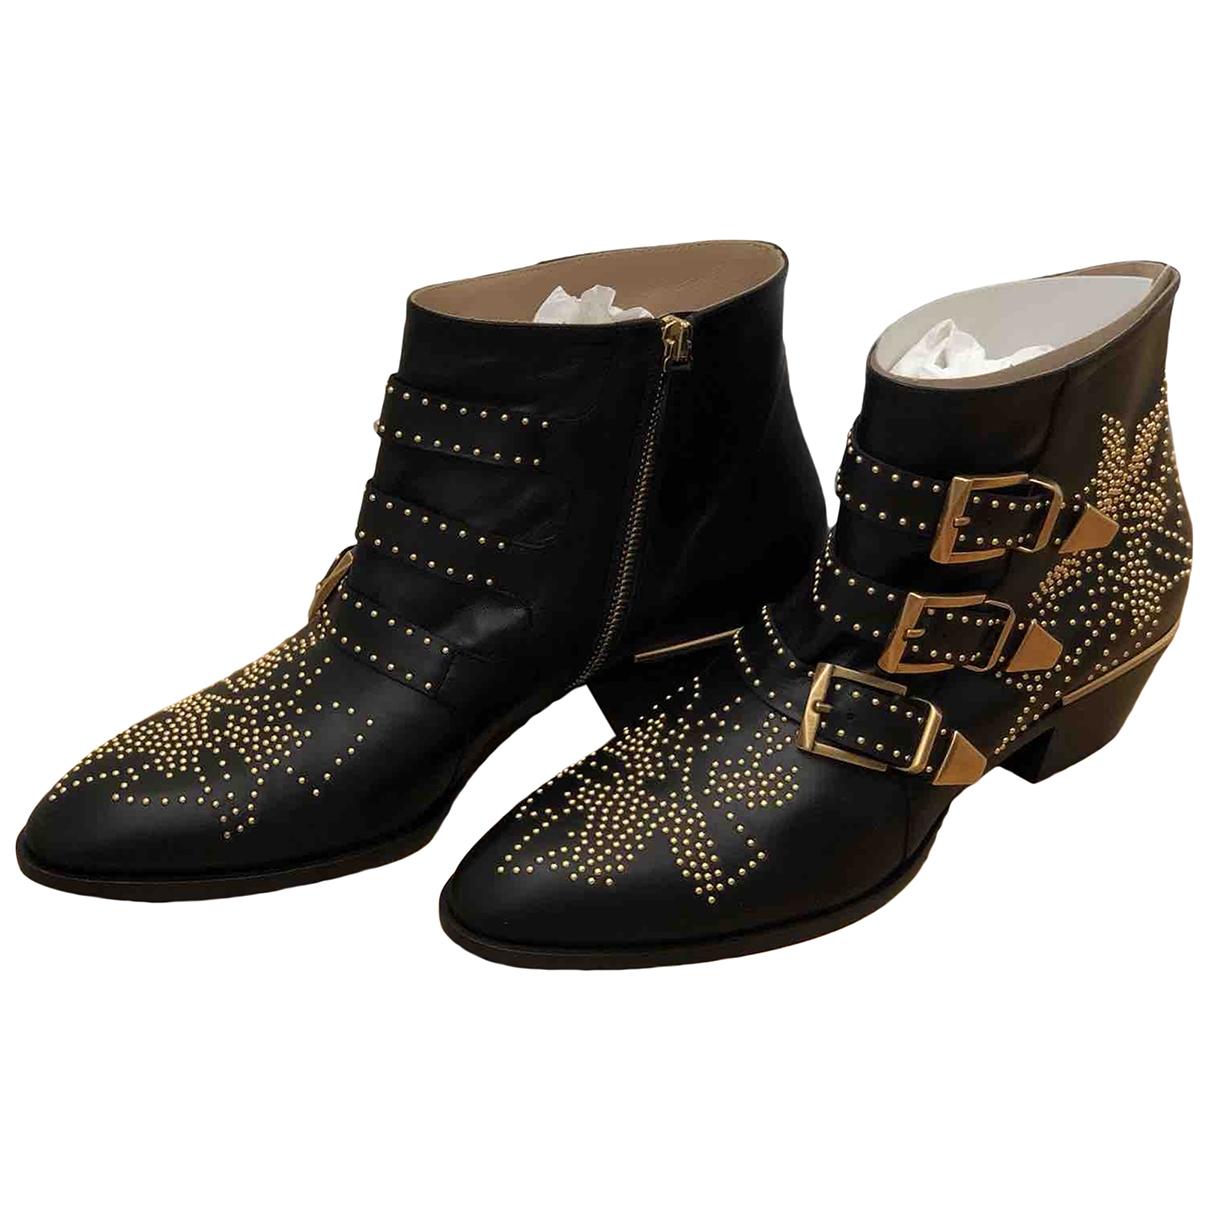 Chloe - Boots Susanna pour femme en cuir - noir